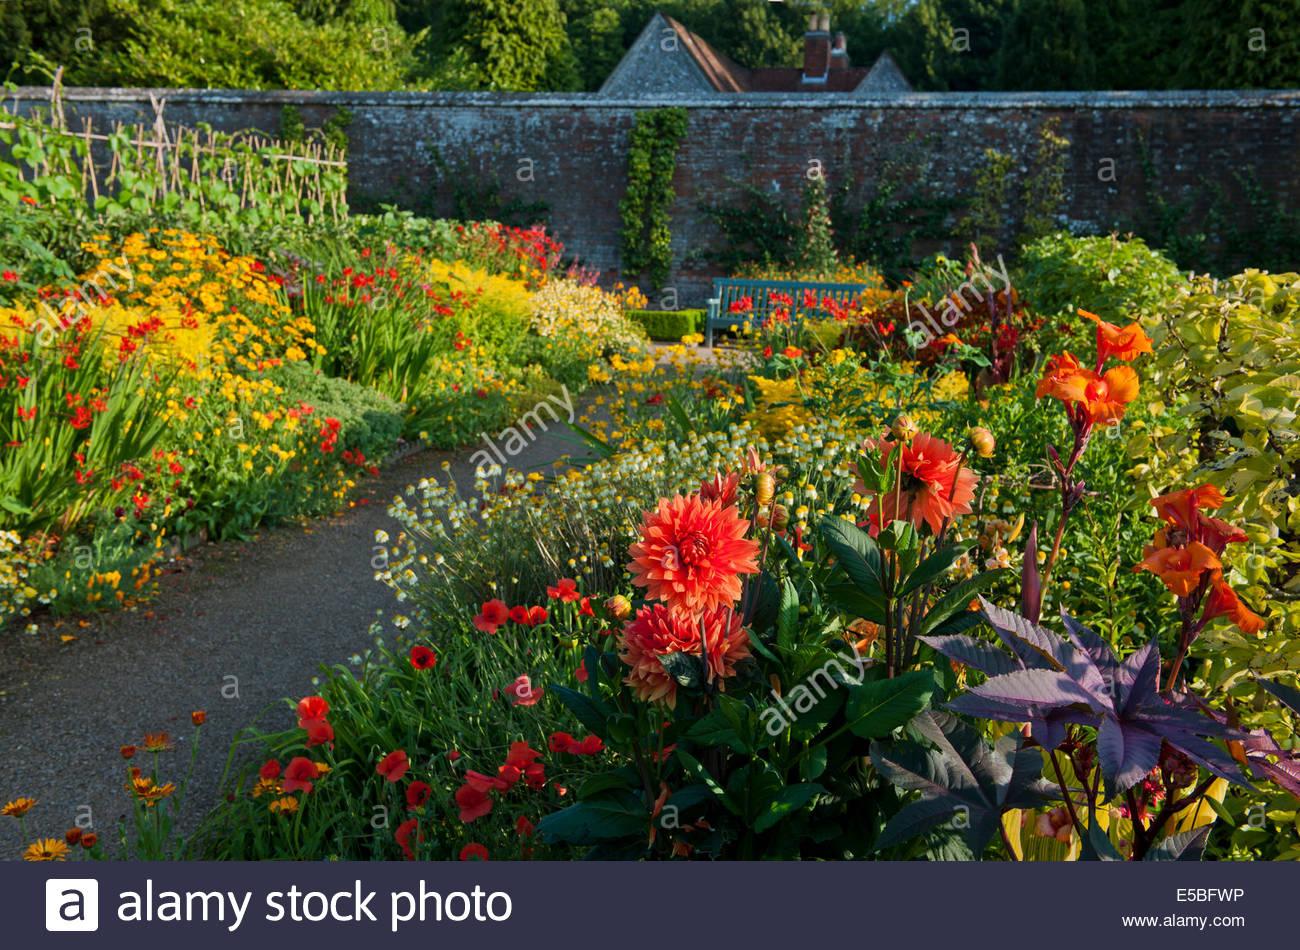 heiße, warme Farbe Farbe Grenzen Meinung gemischten Sommer Grenze West Dean Sussex England ummauerten Garten Stockbild